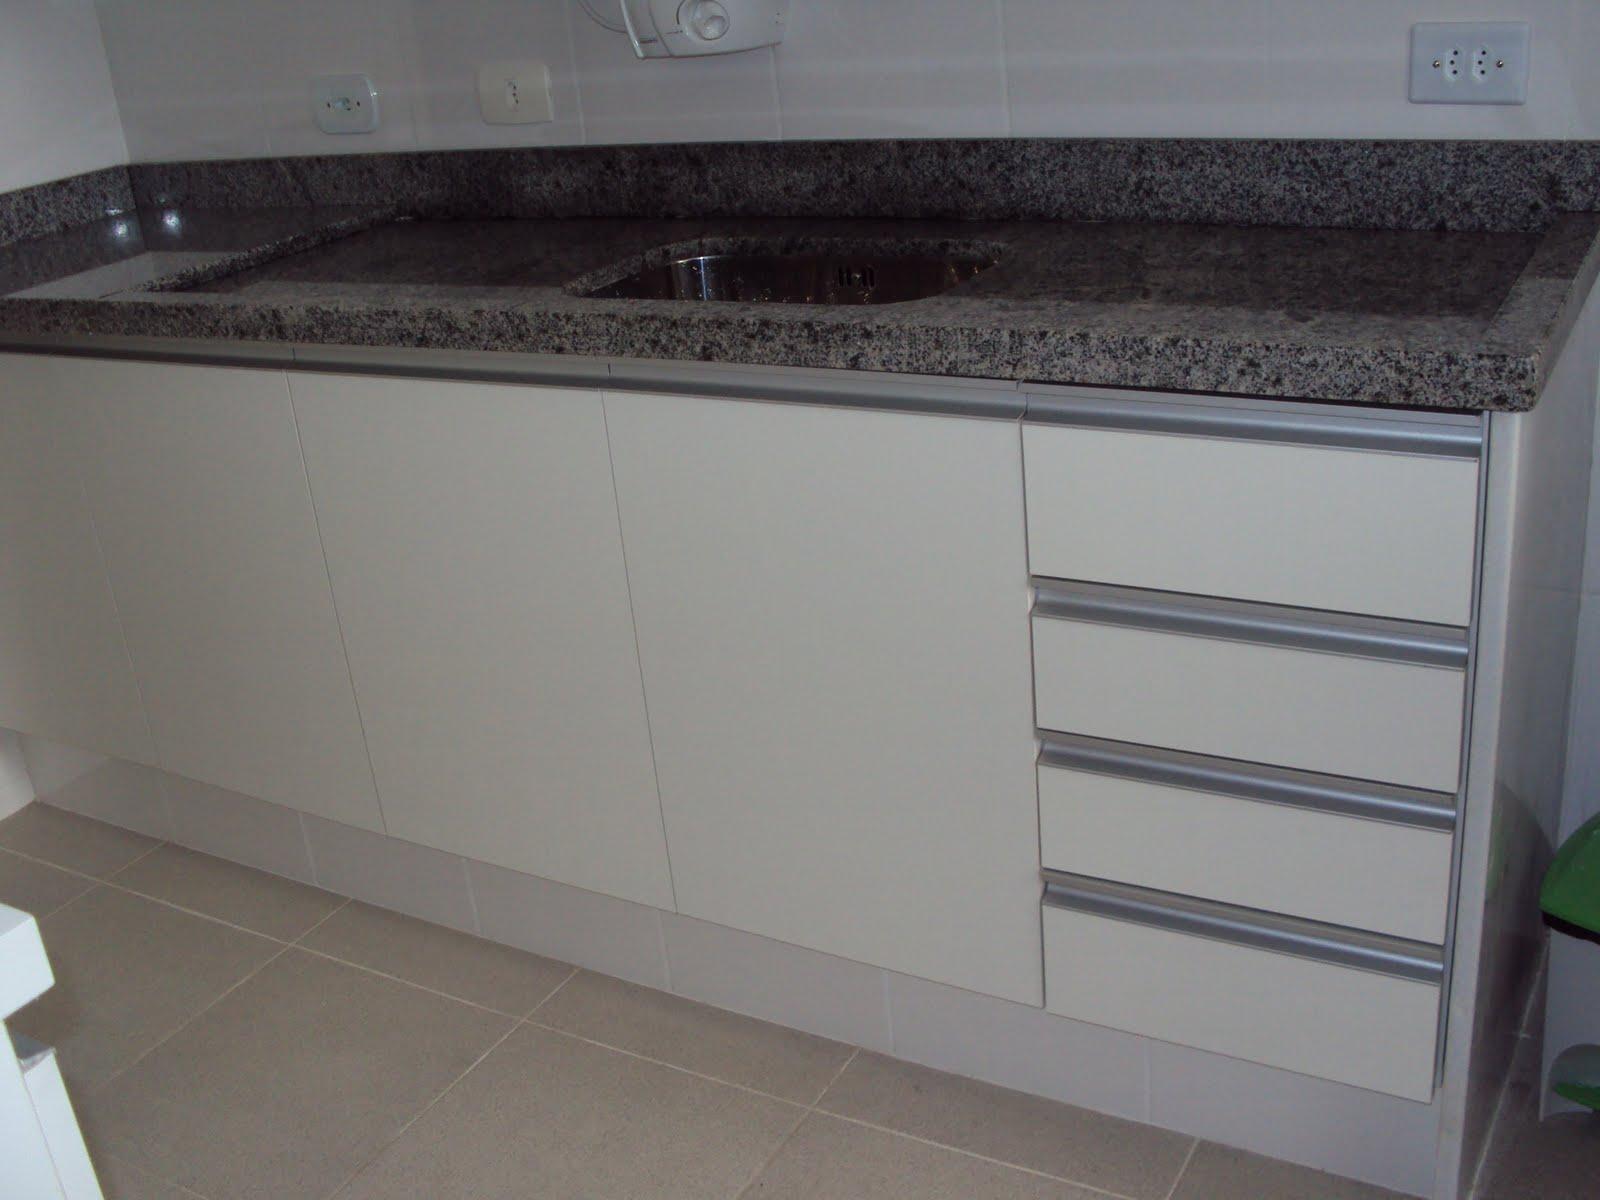 ROBERTO MEIRELES PROJETOS E CONSTRUÇÕES: Reforma total de cozinha #4E6D7D 1600 1200